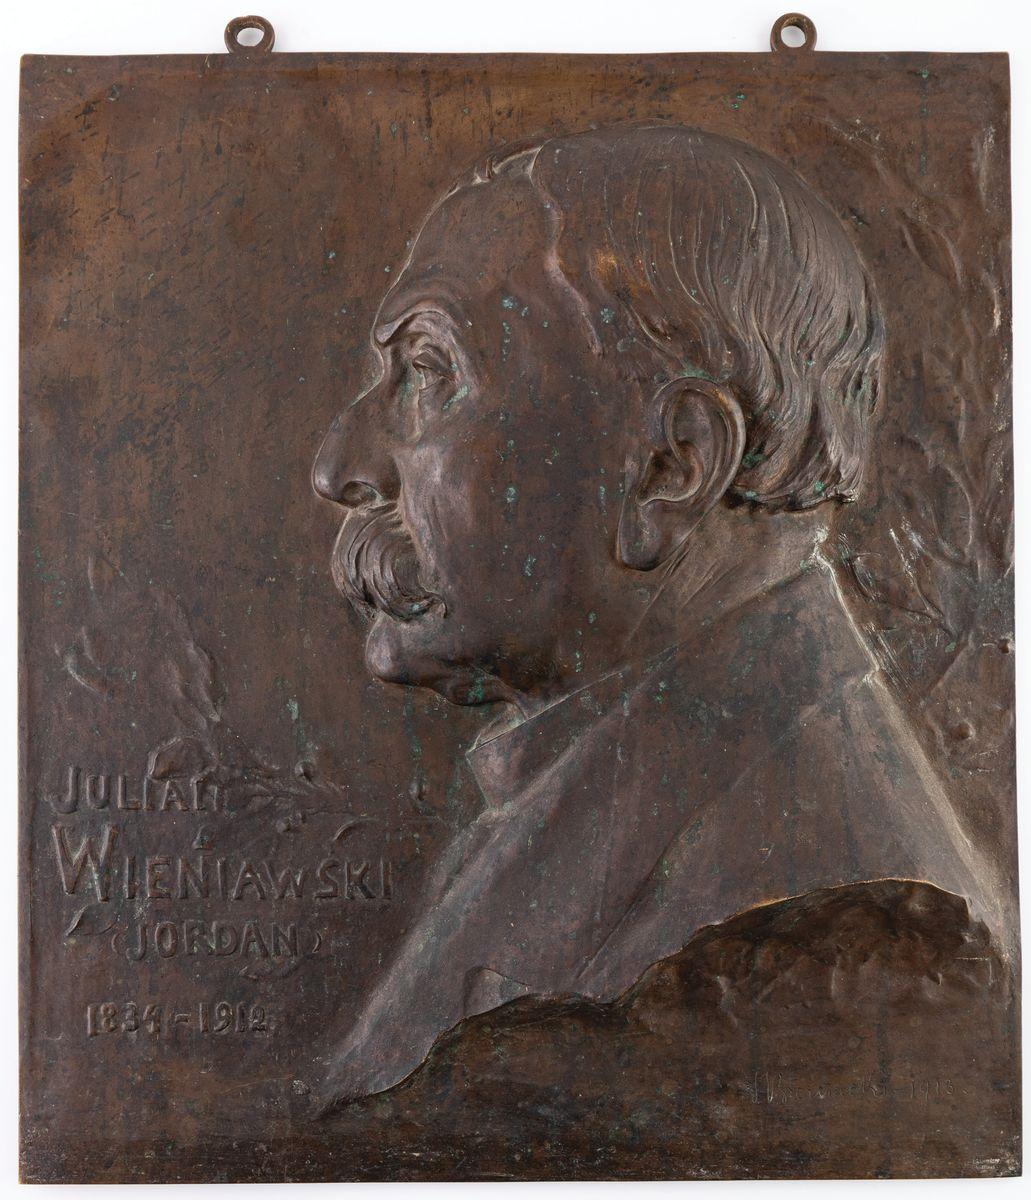 JULIAN WIENIAWSKI, 1913